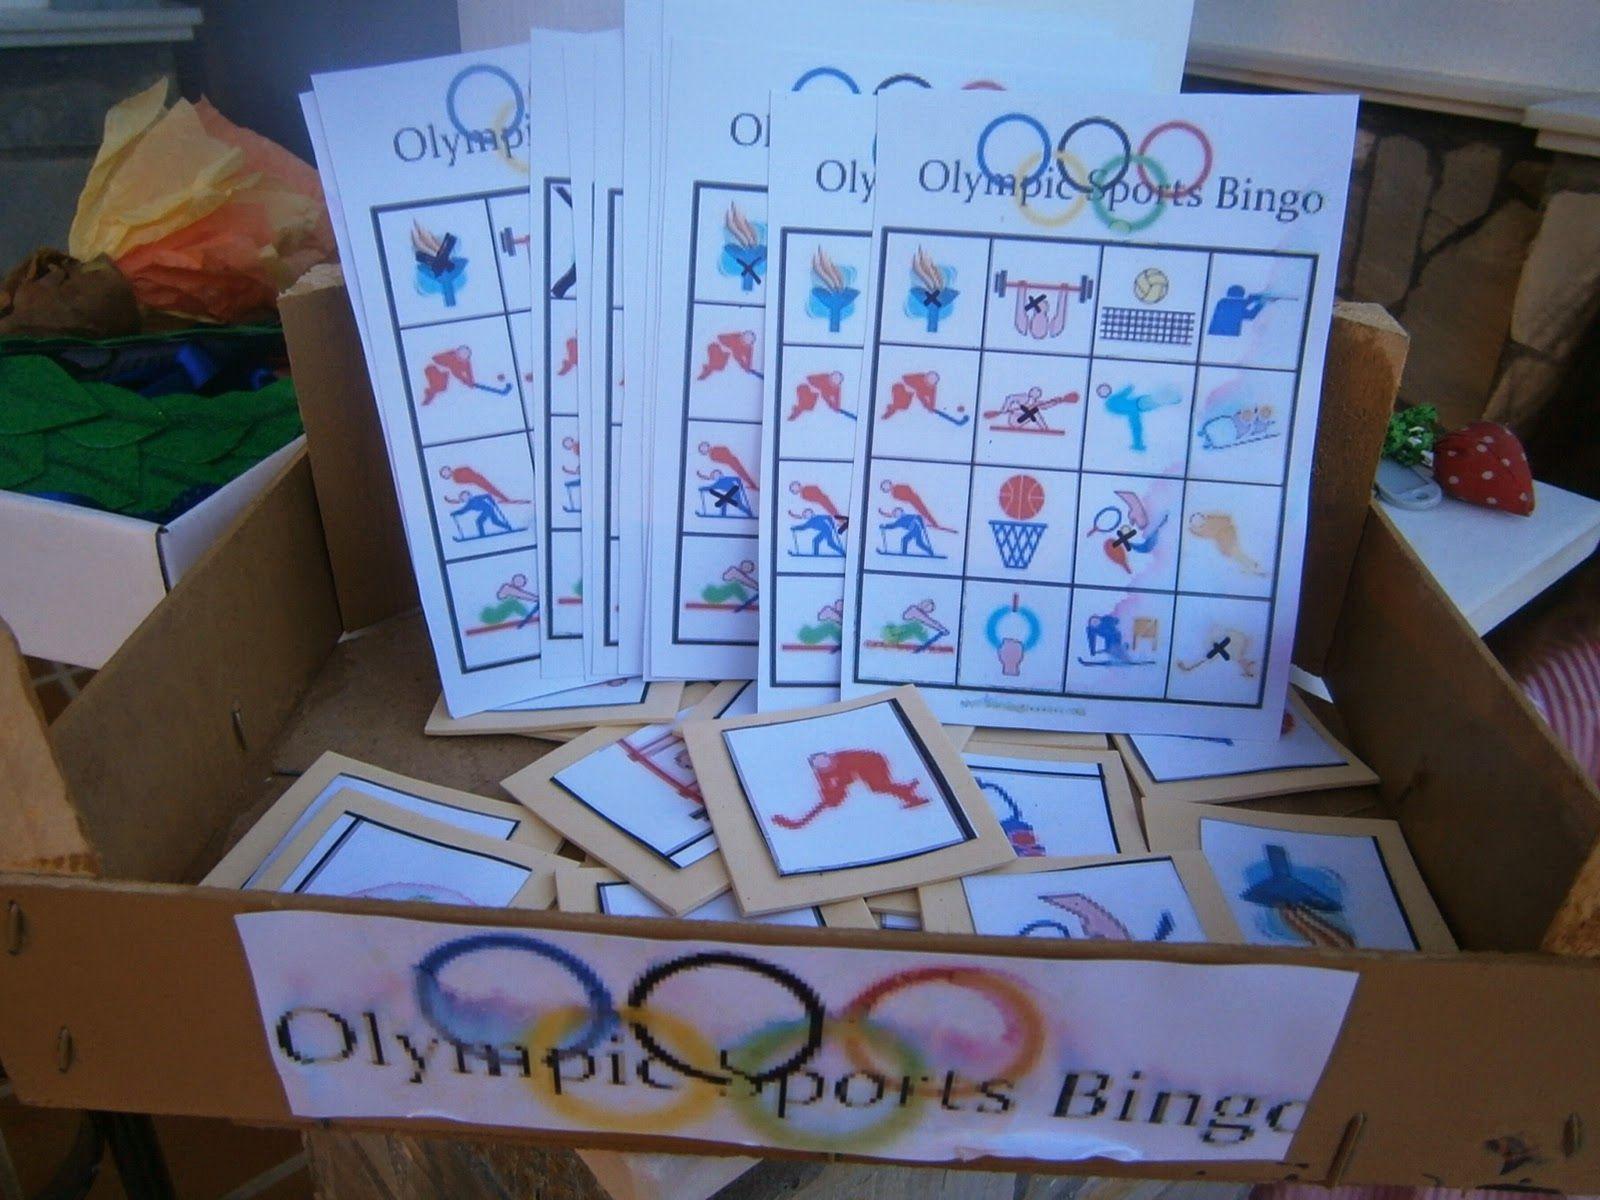 Dressmacker Juegos Olimpicos Para Ninos Juegos De Olimpiadas Juegos Para Preescolar